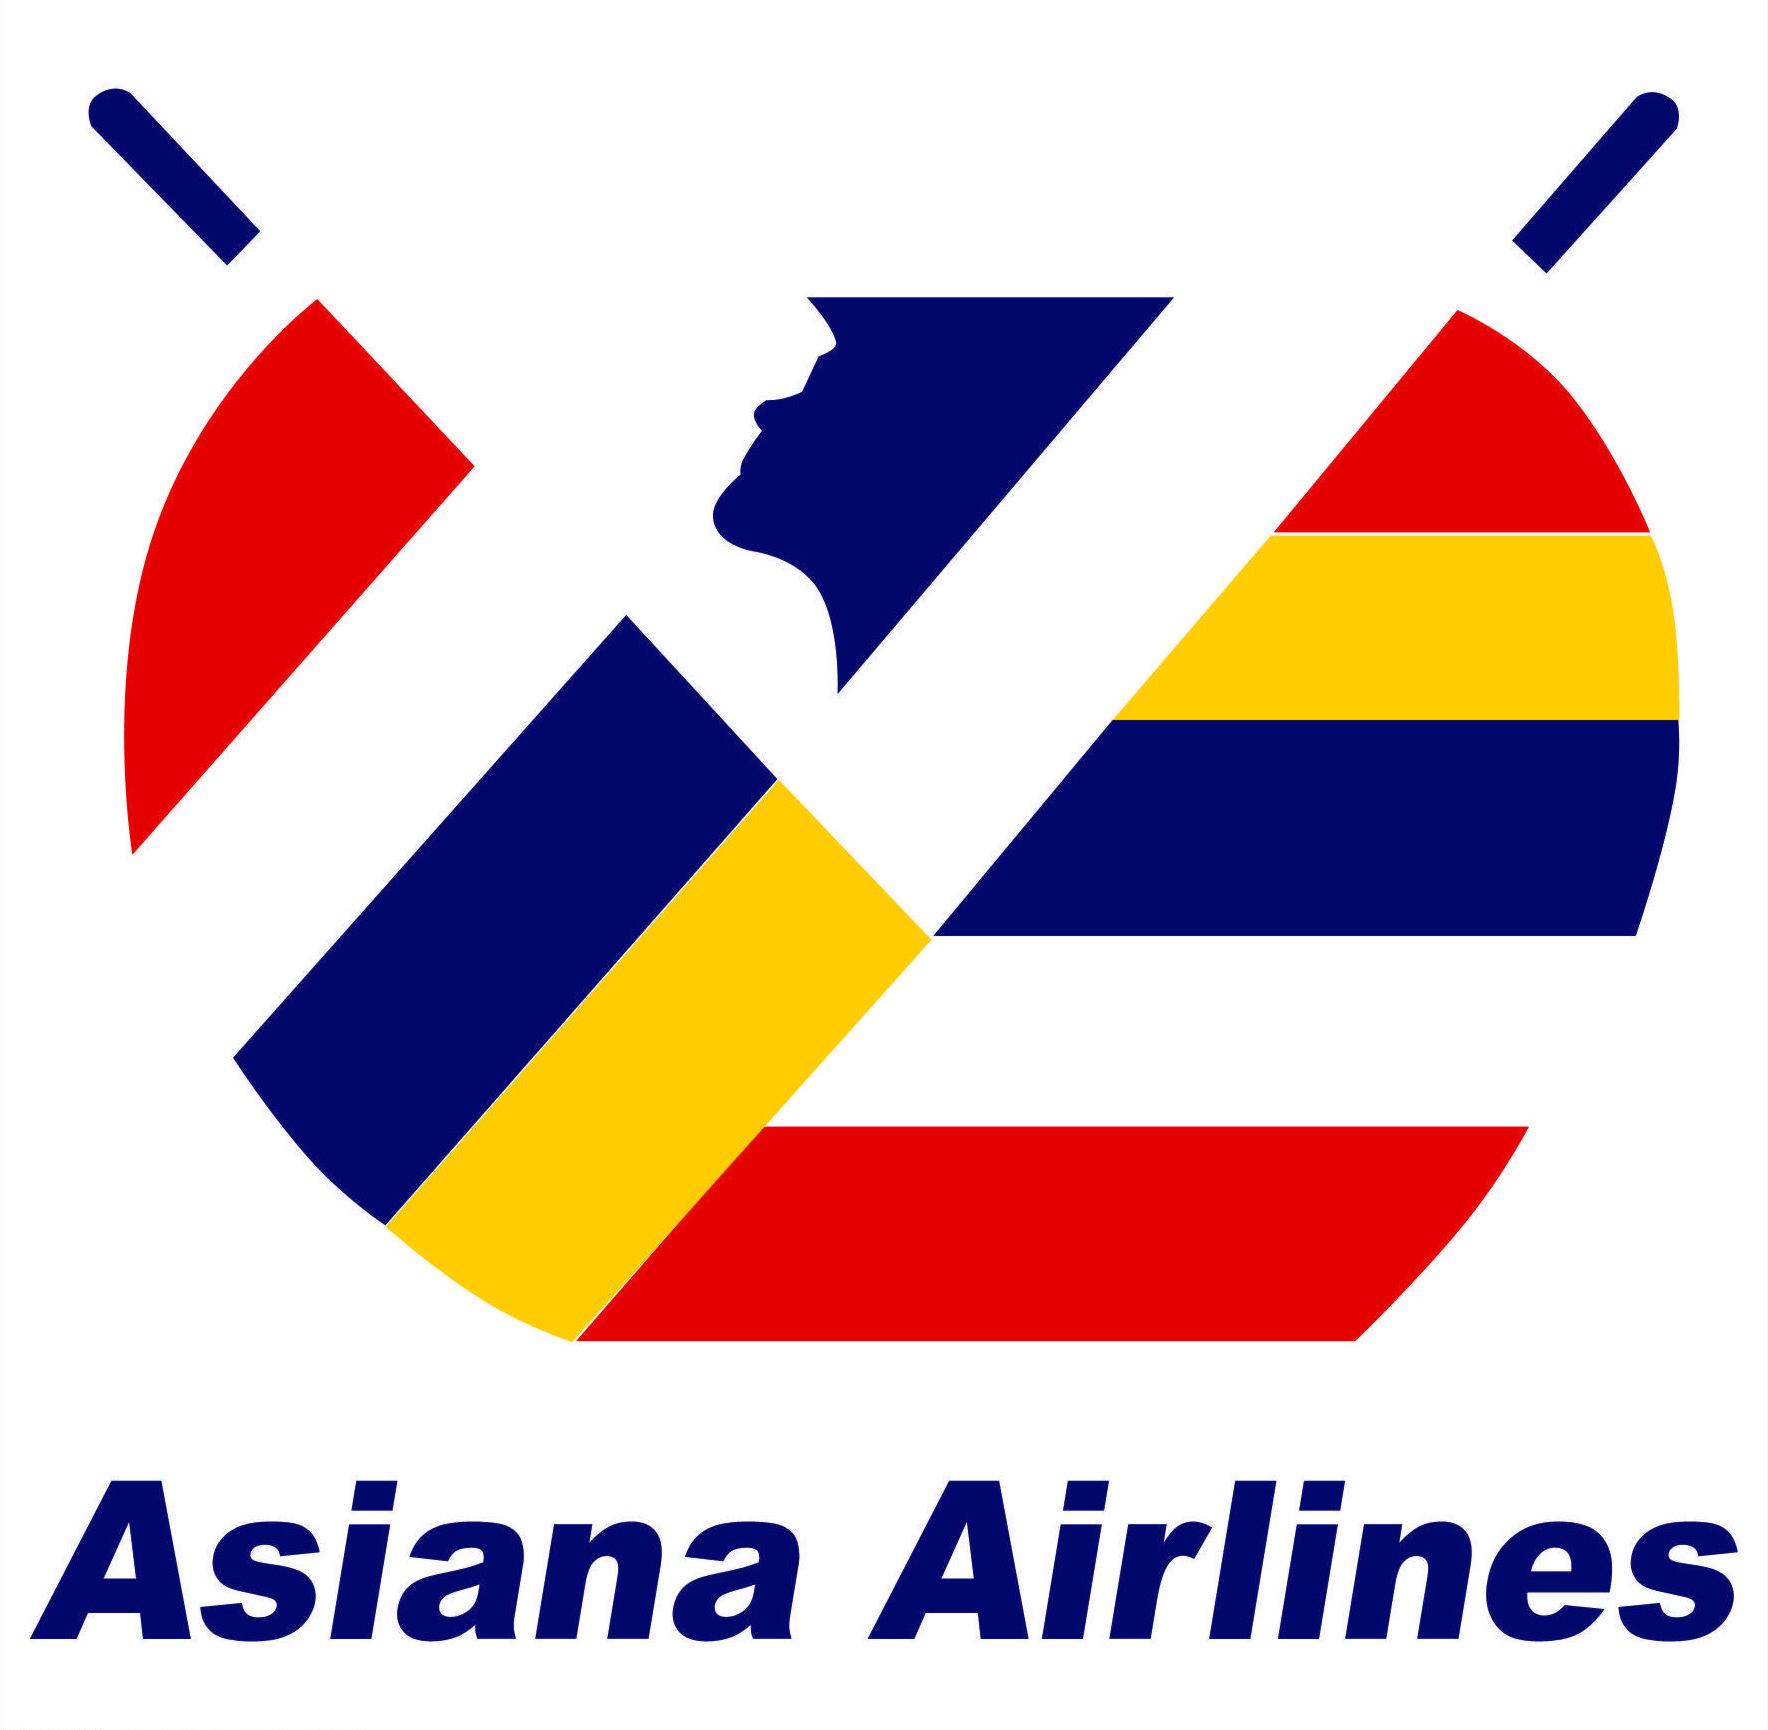 Airline Logos Jpg